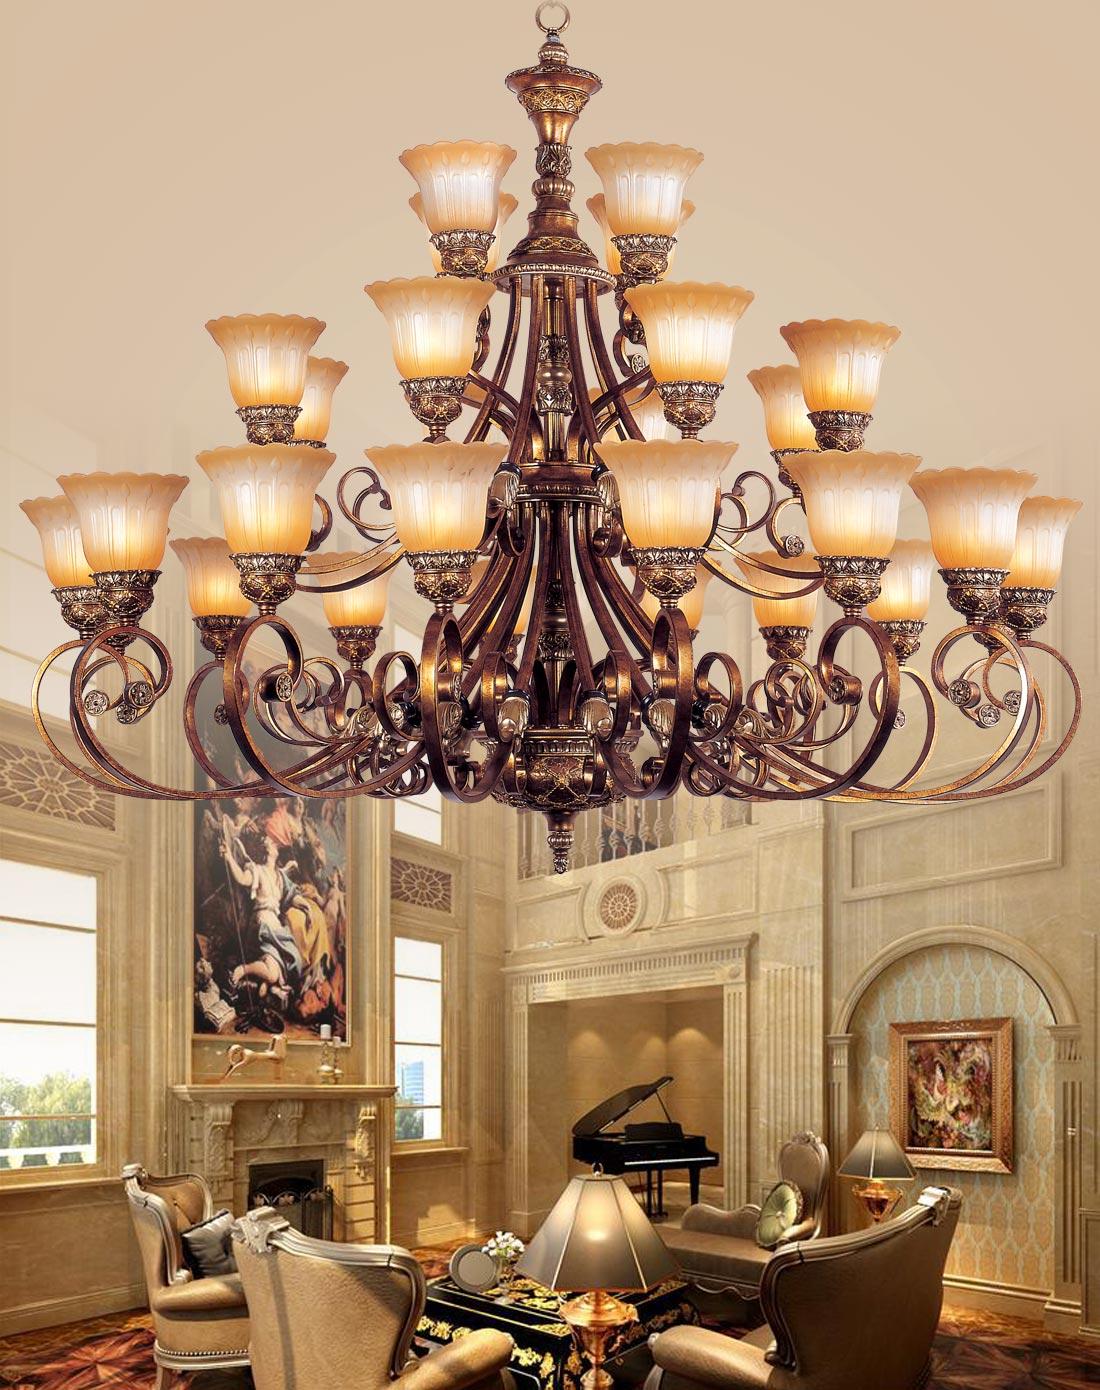 16+8+4欧式吊灯 复古 客厅别墅